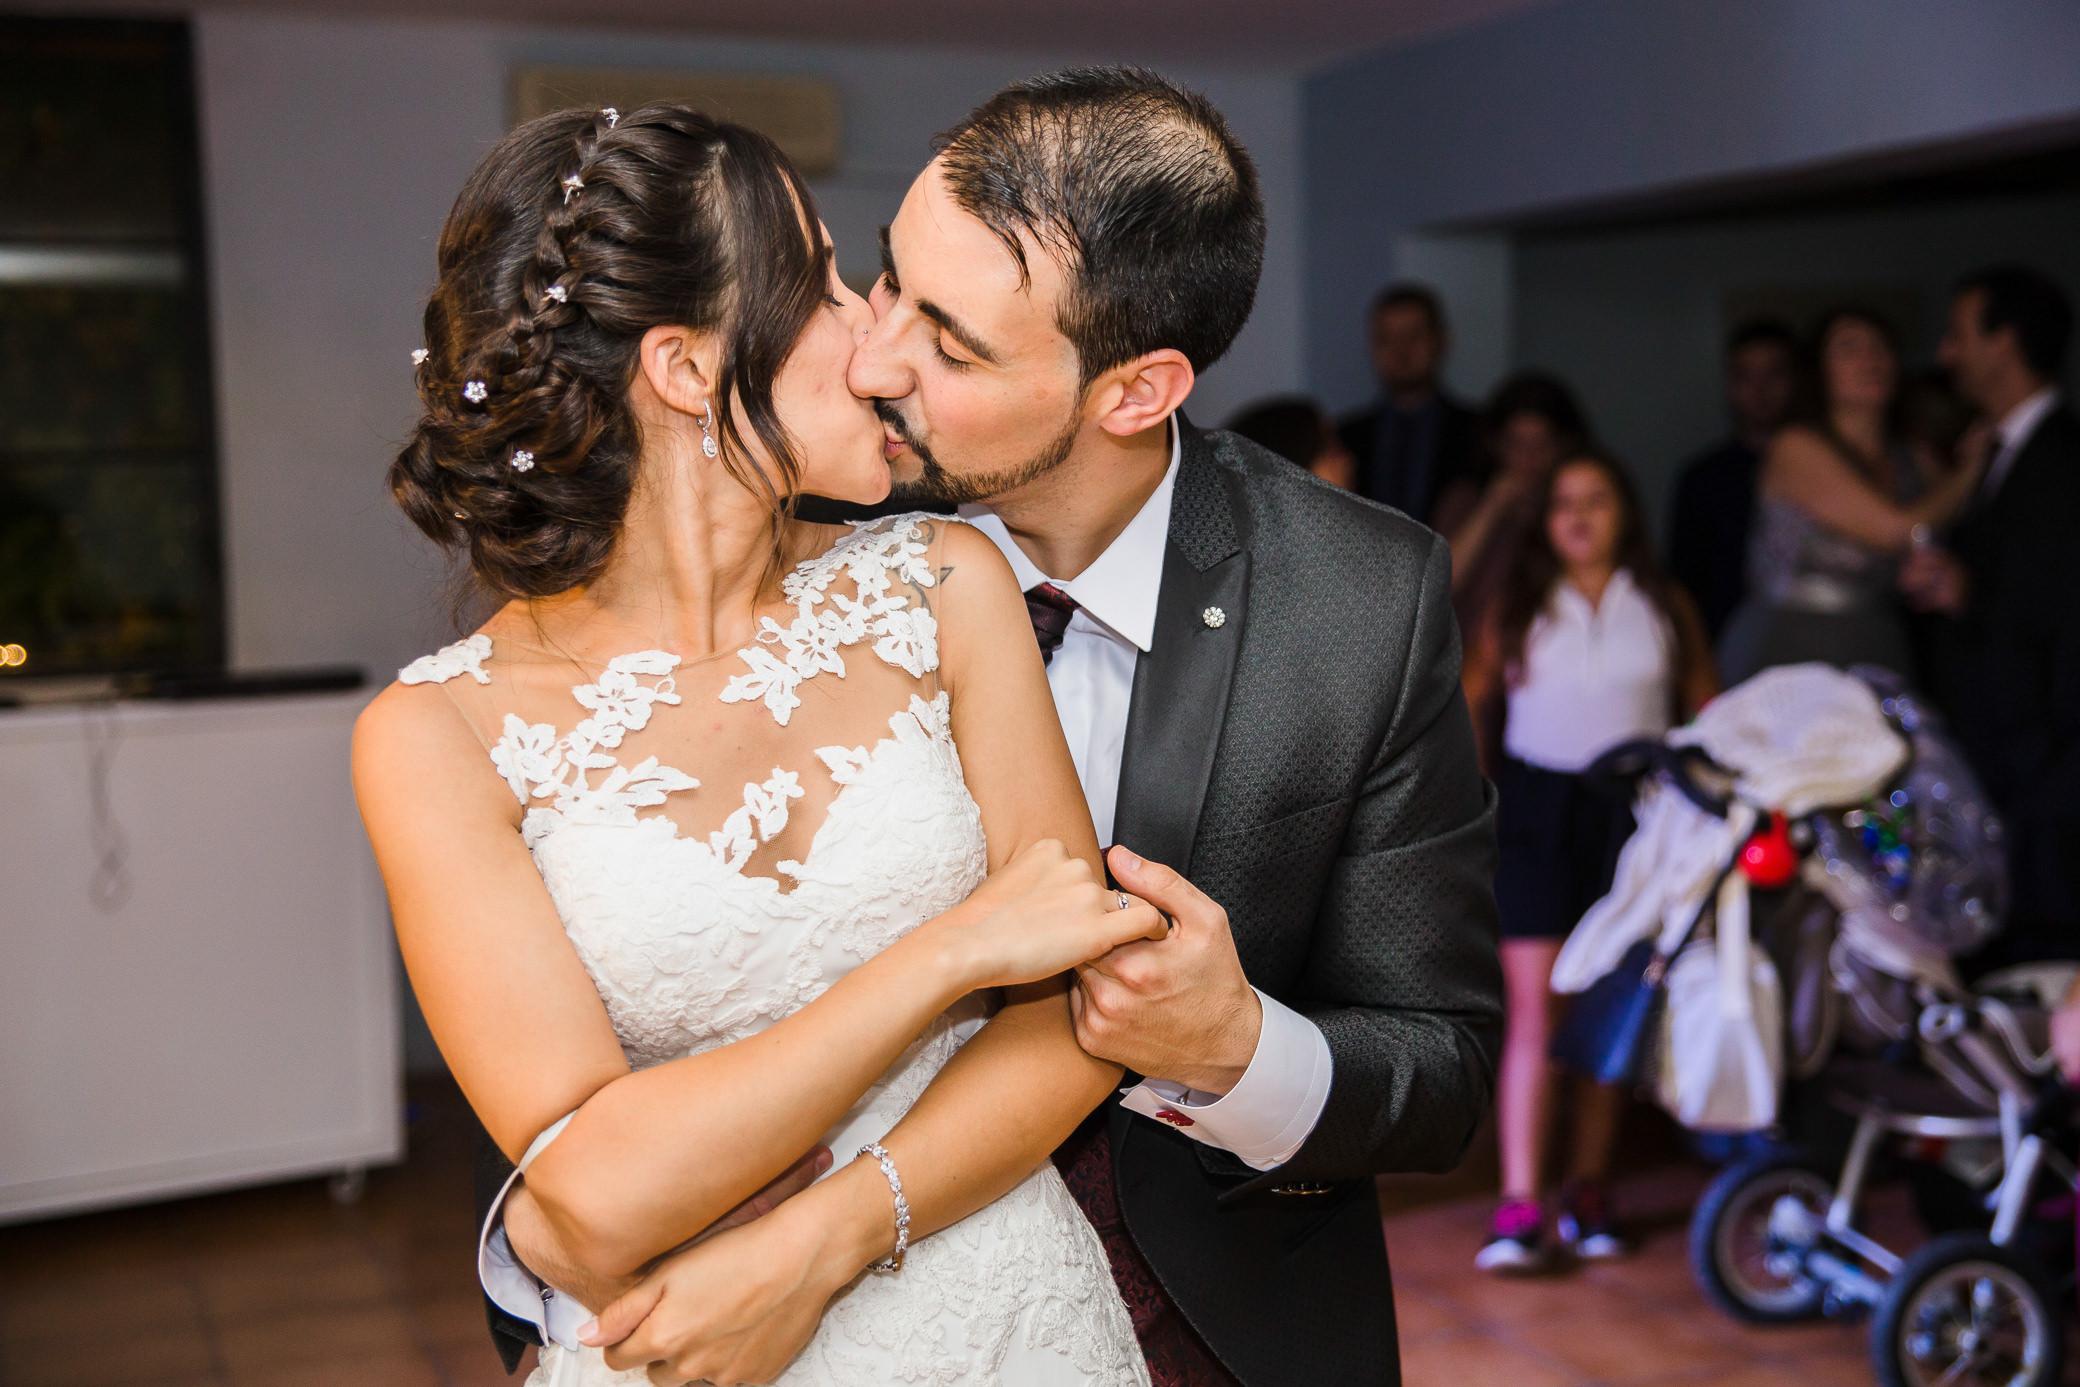 boda-aire-libre-can-tosca-photografeel-77.jpg